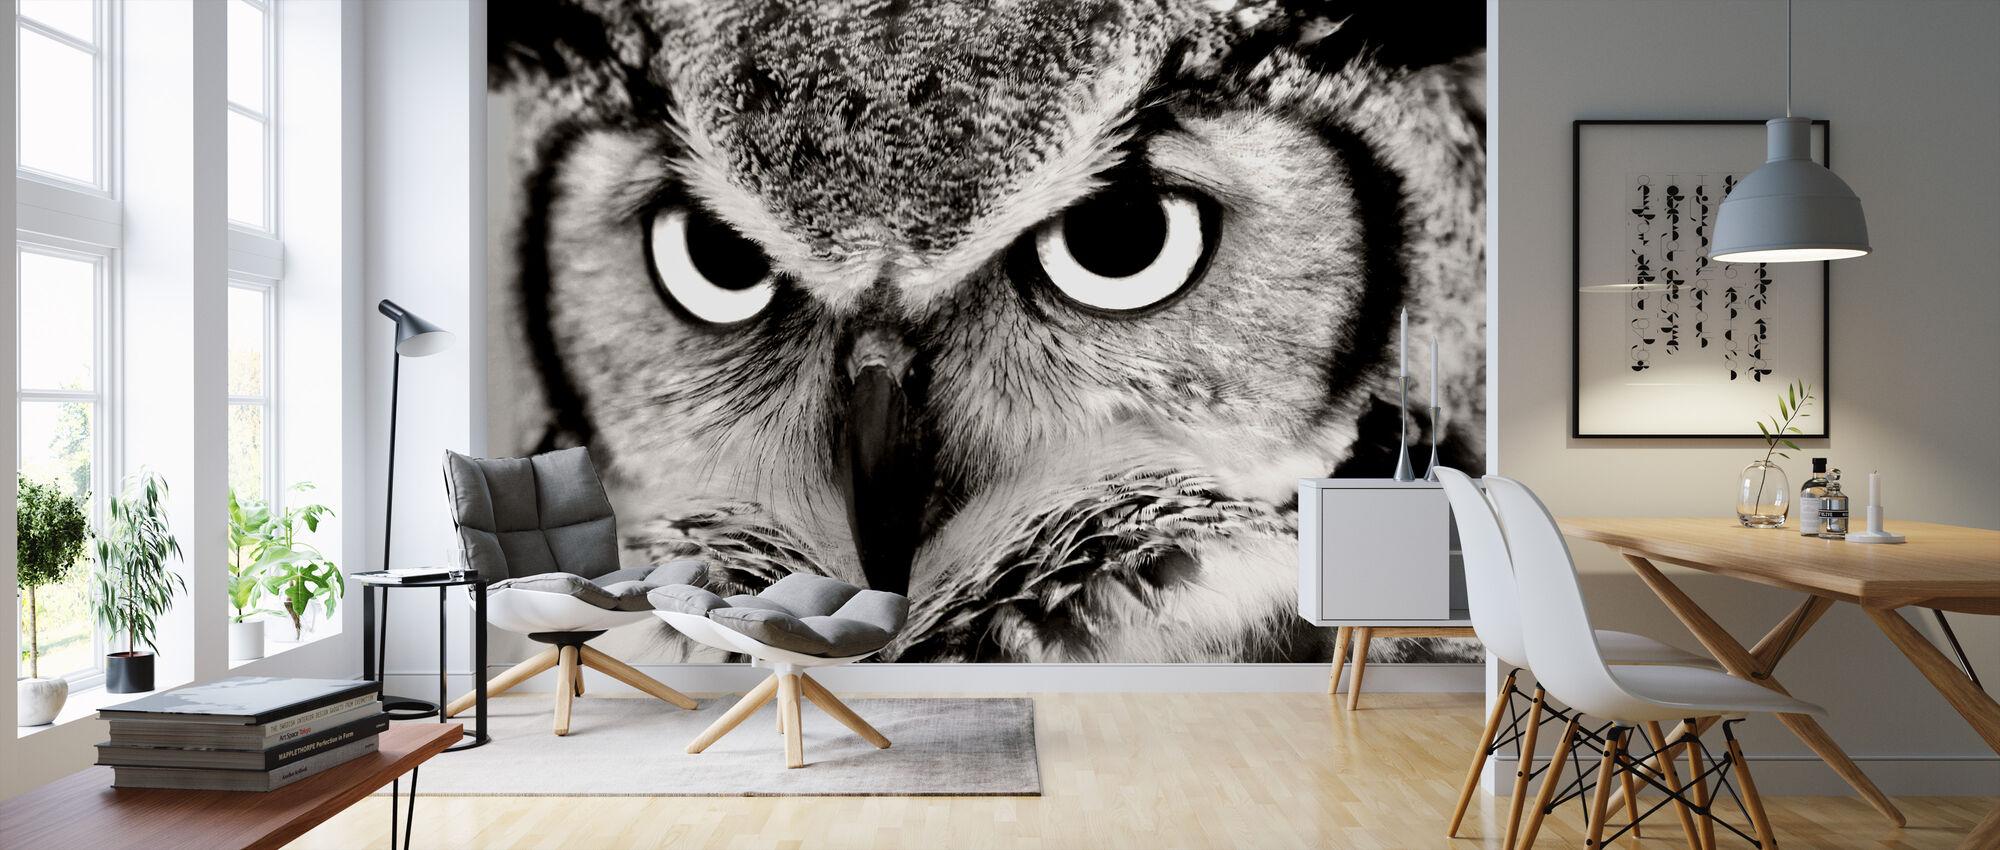 Great Horned Owl - Wallpaper - Living Room